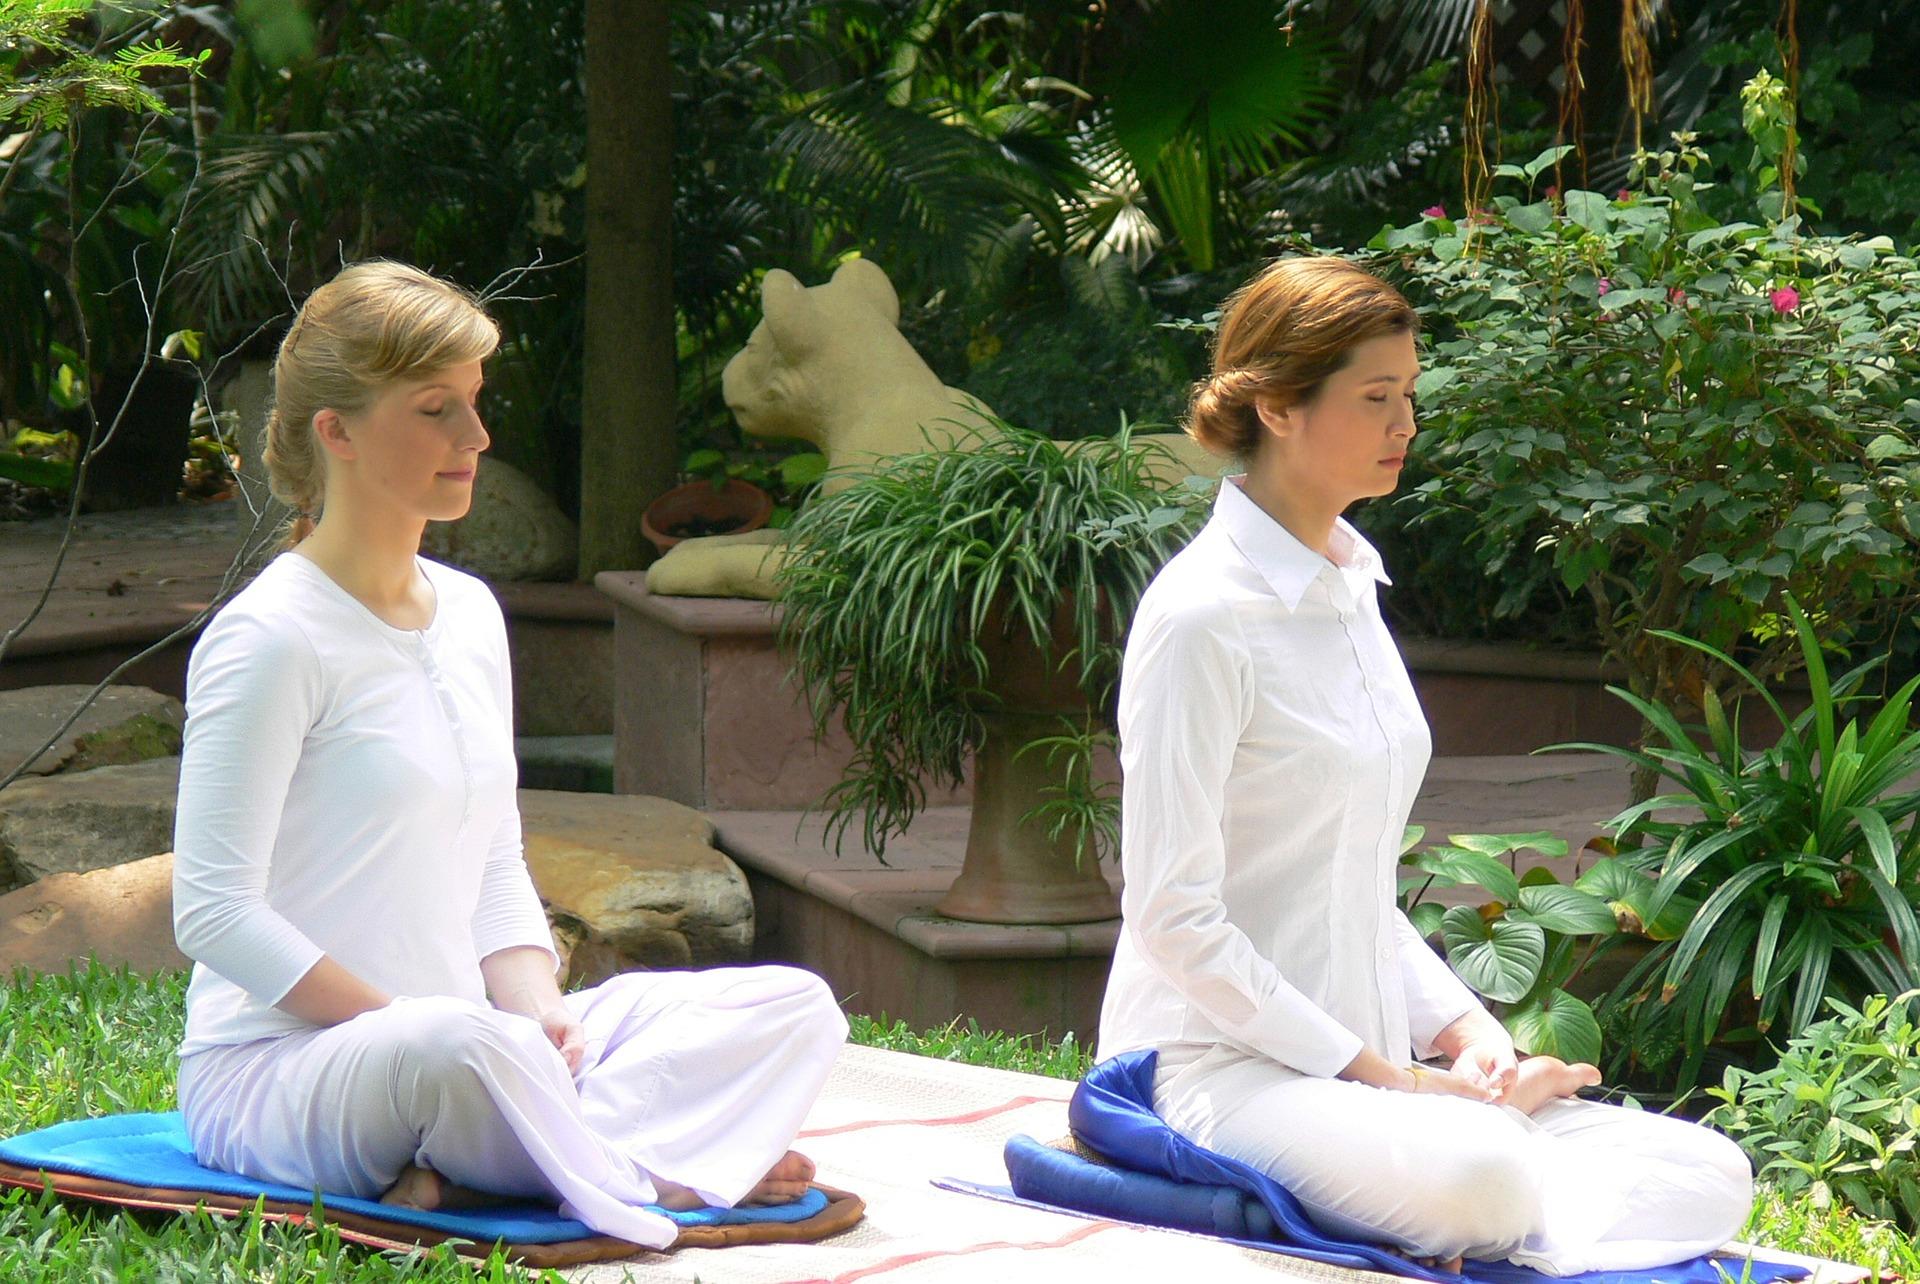 women meditating menopause brain fog memory loss